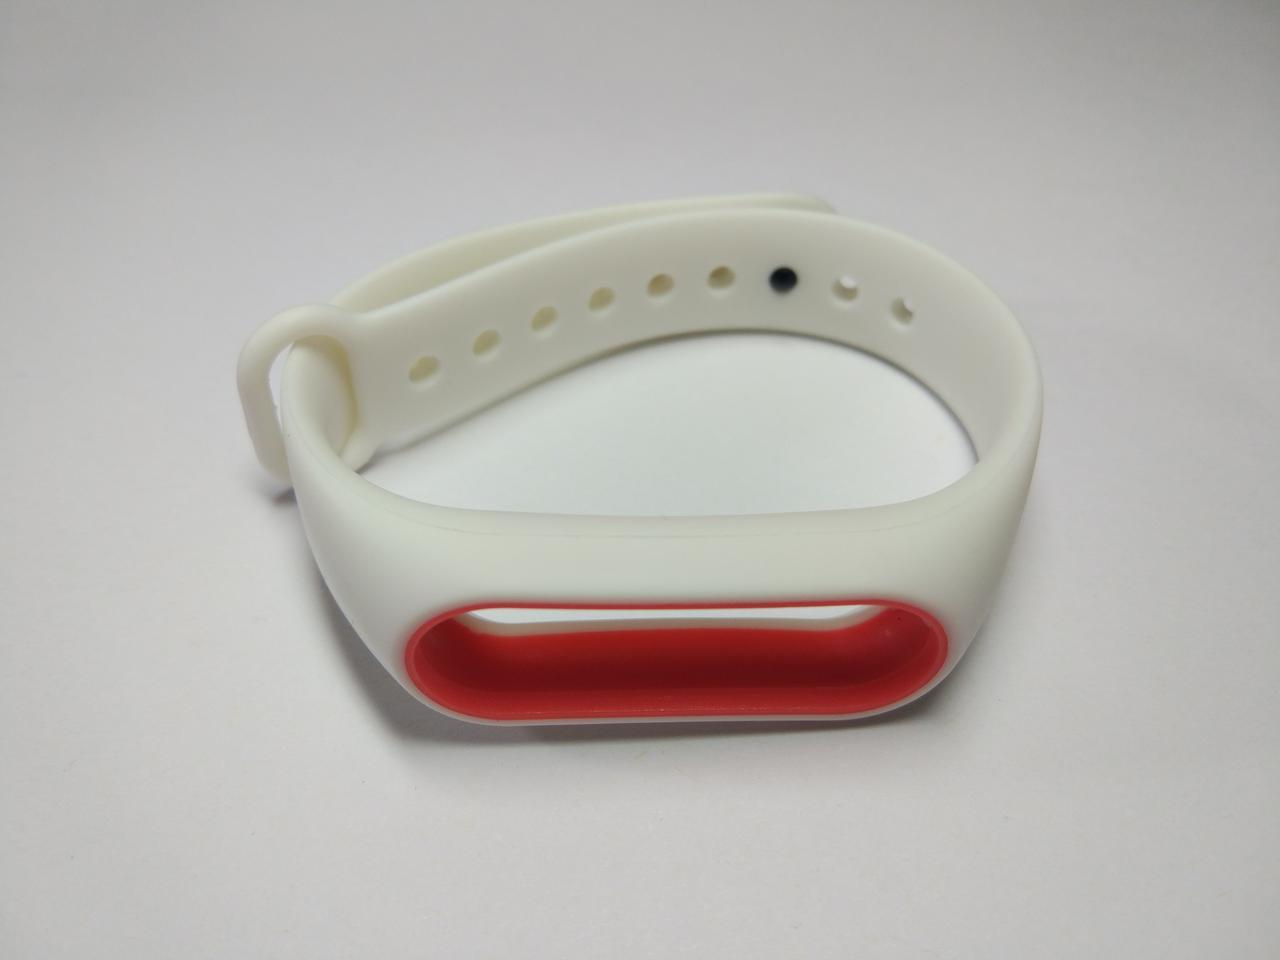 Ремешок Xiaomi Mi Band 2 силиконовый браслет Белый / Красный [1091]